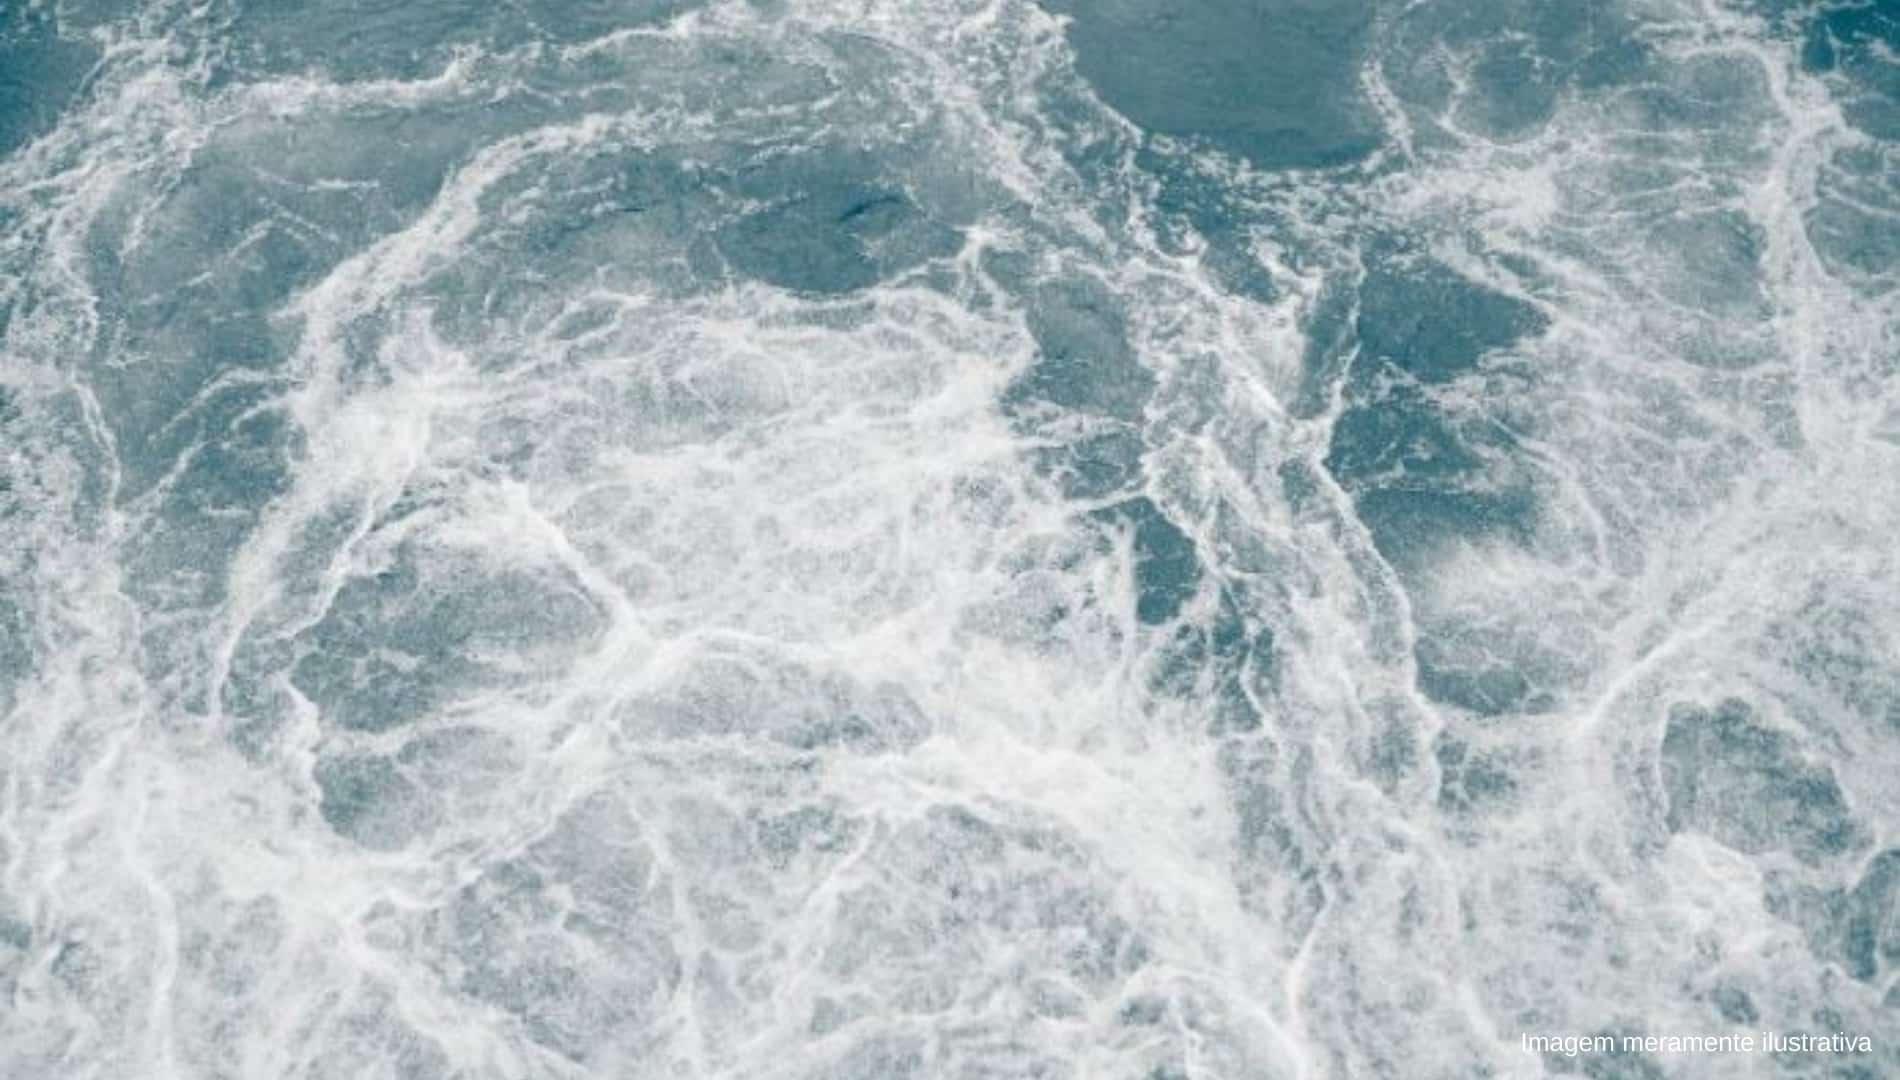 dessalinizaçao